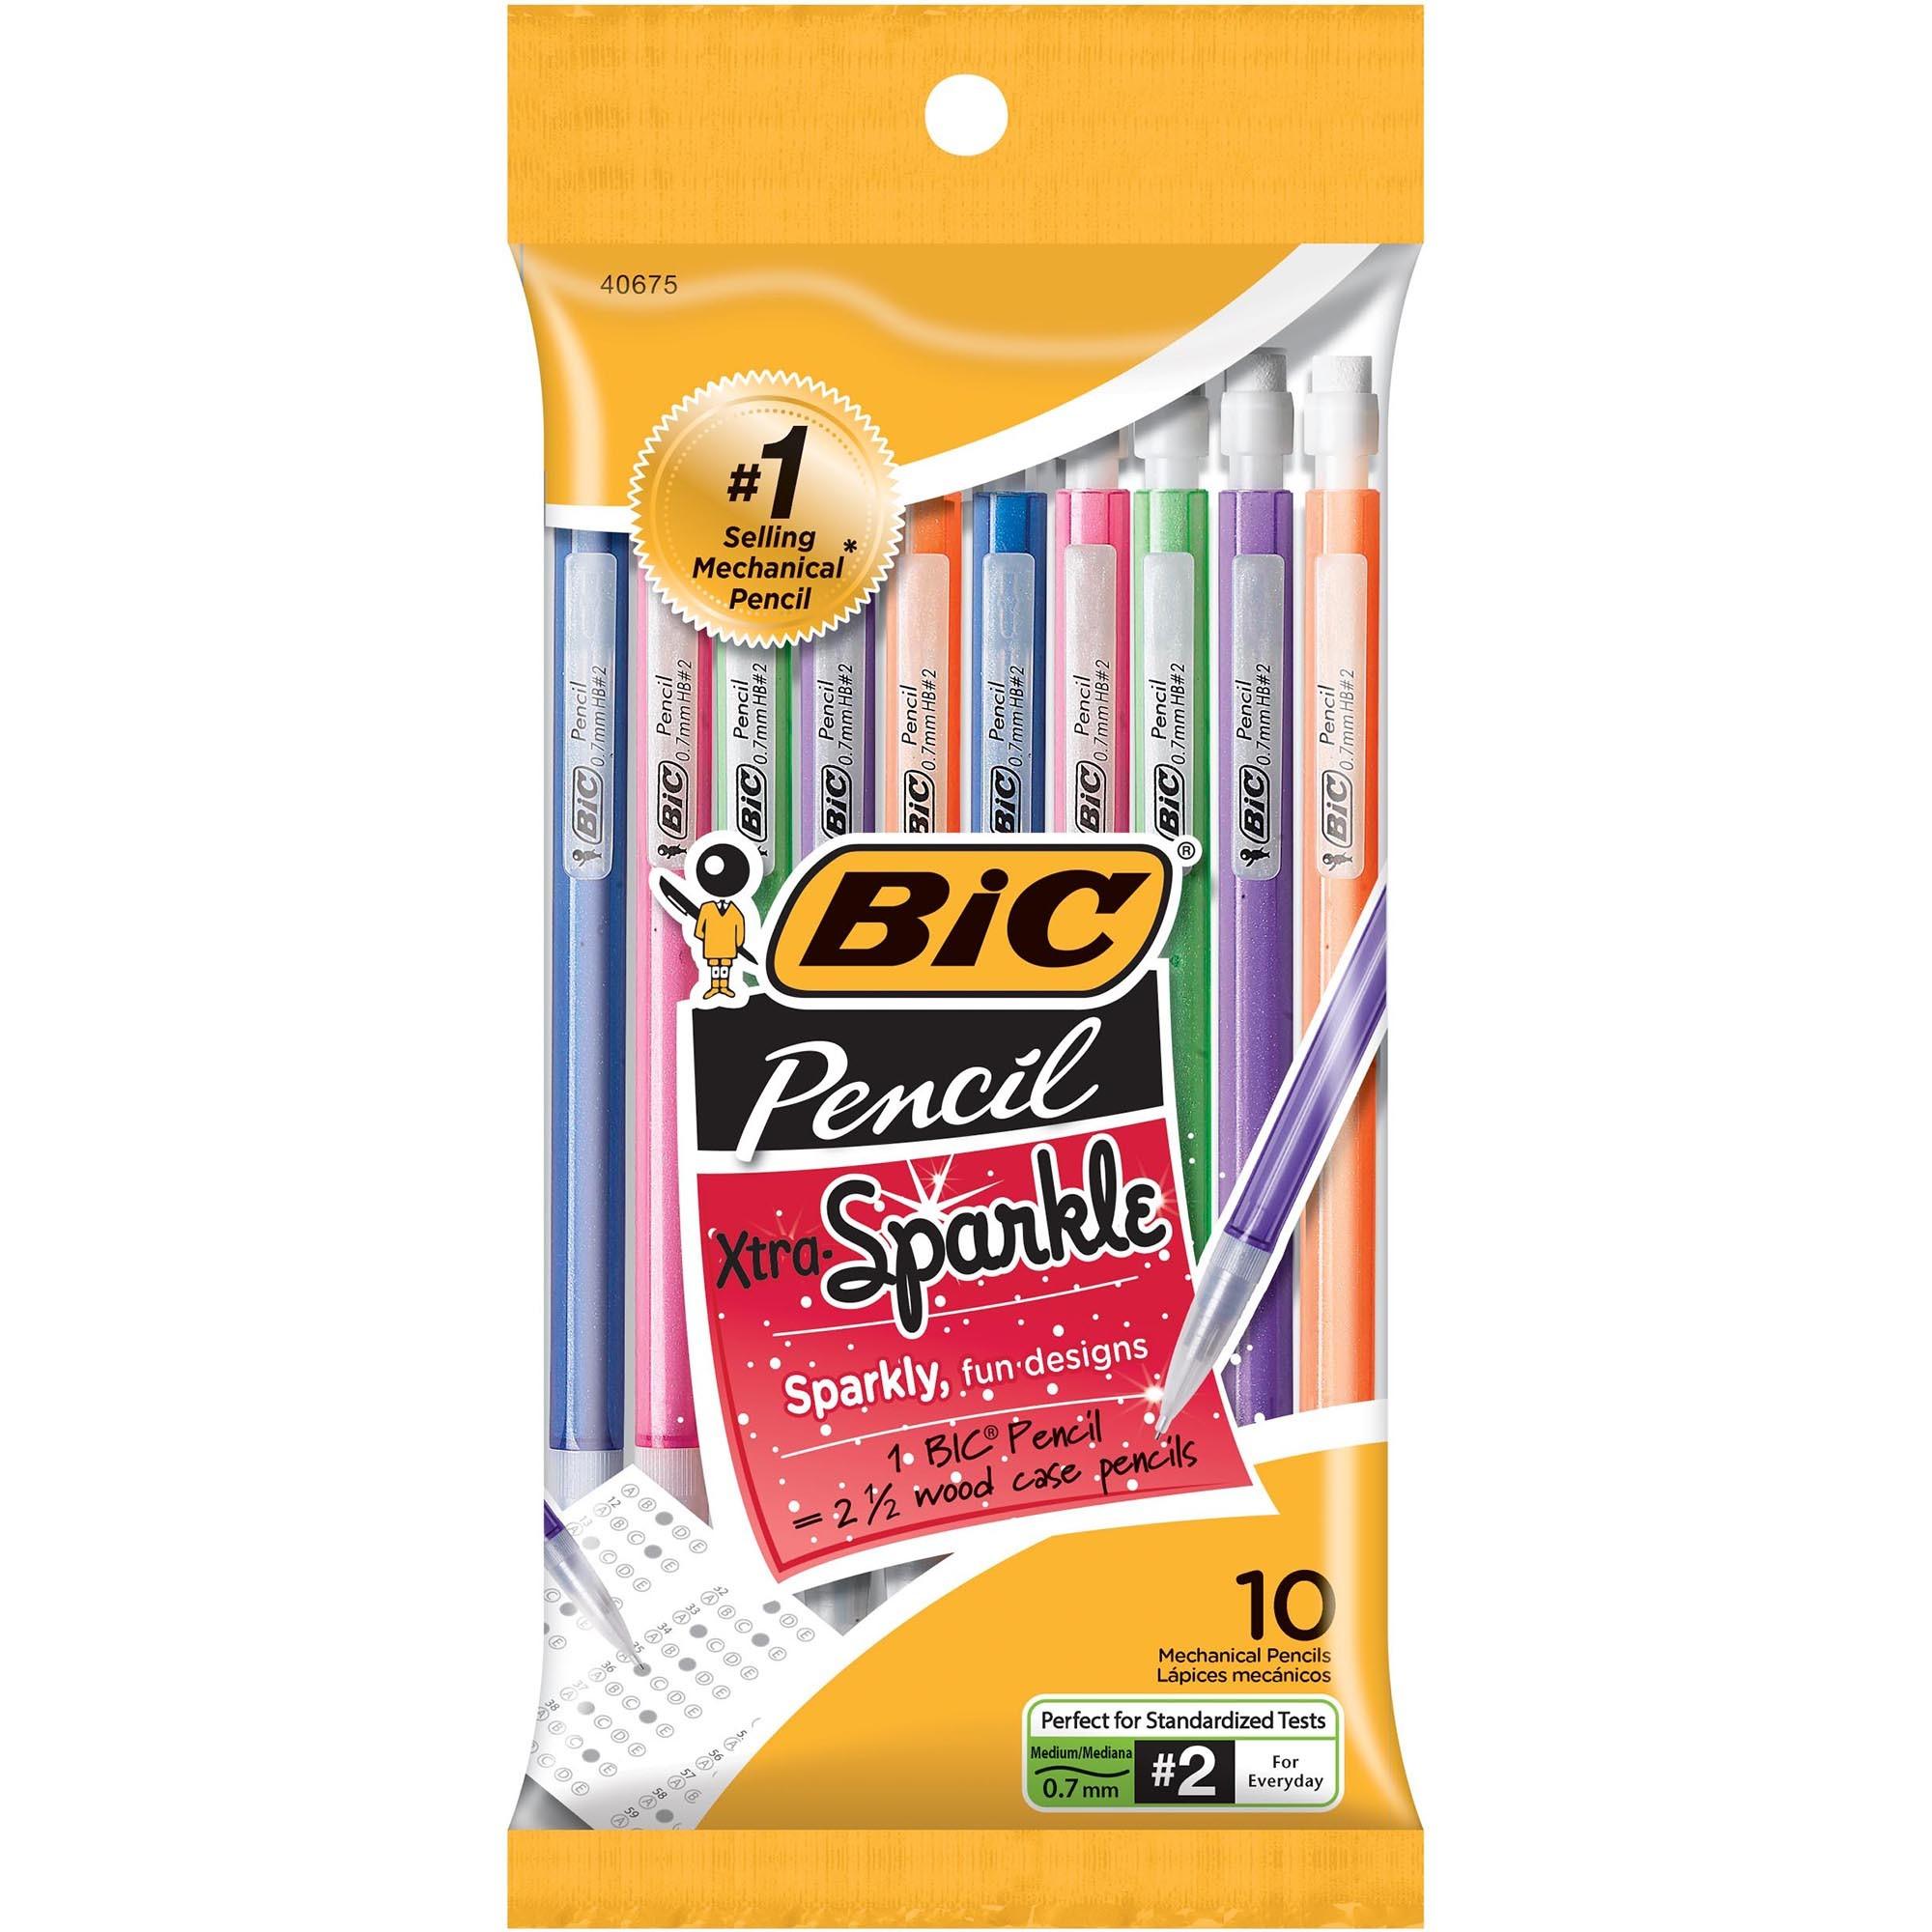 bic pencil xtra sparkle mechanical pencil colorful barrel